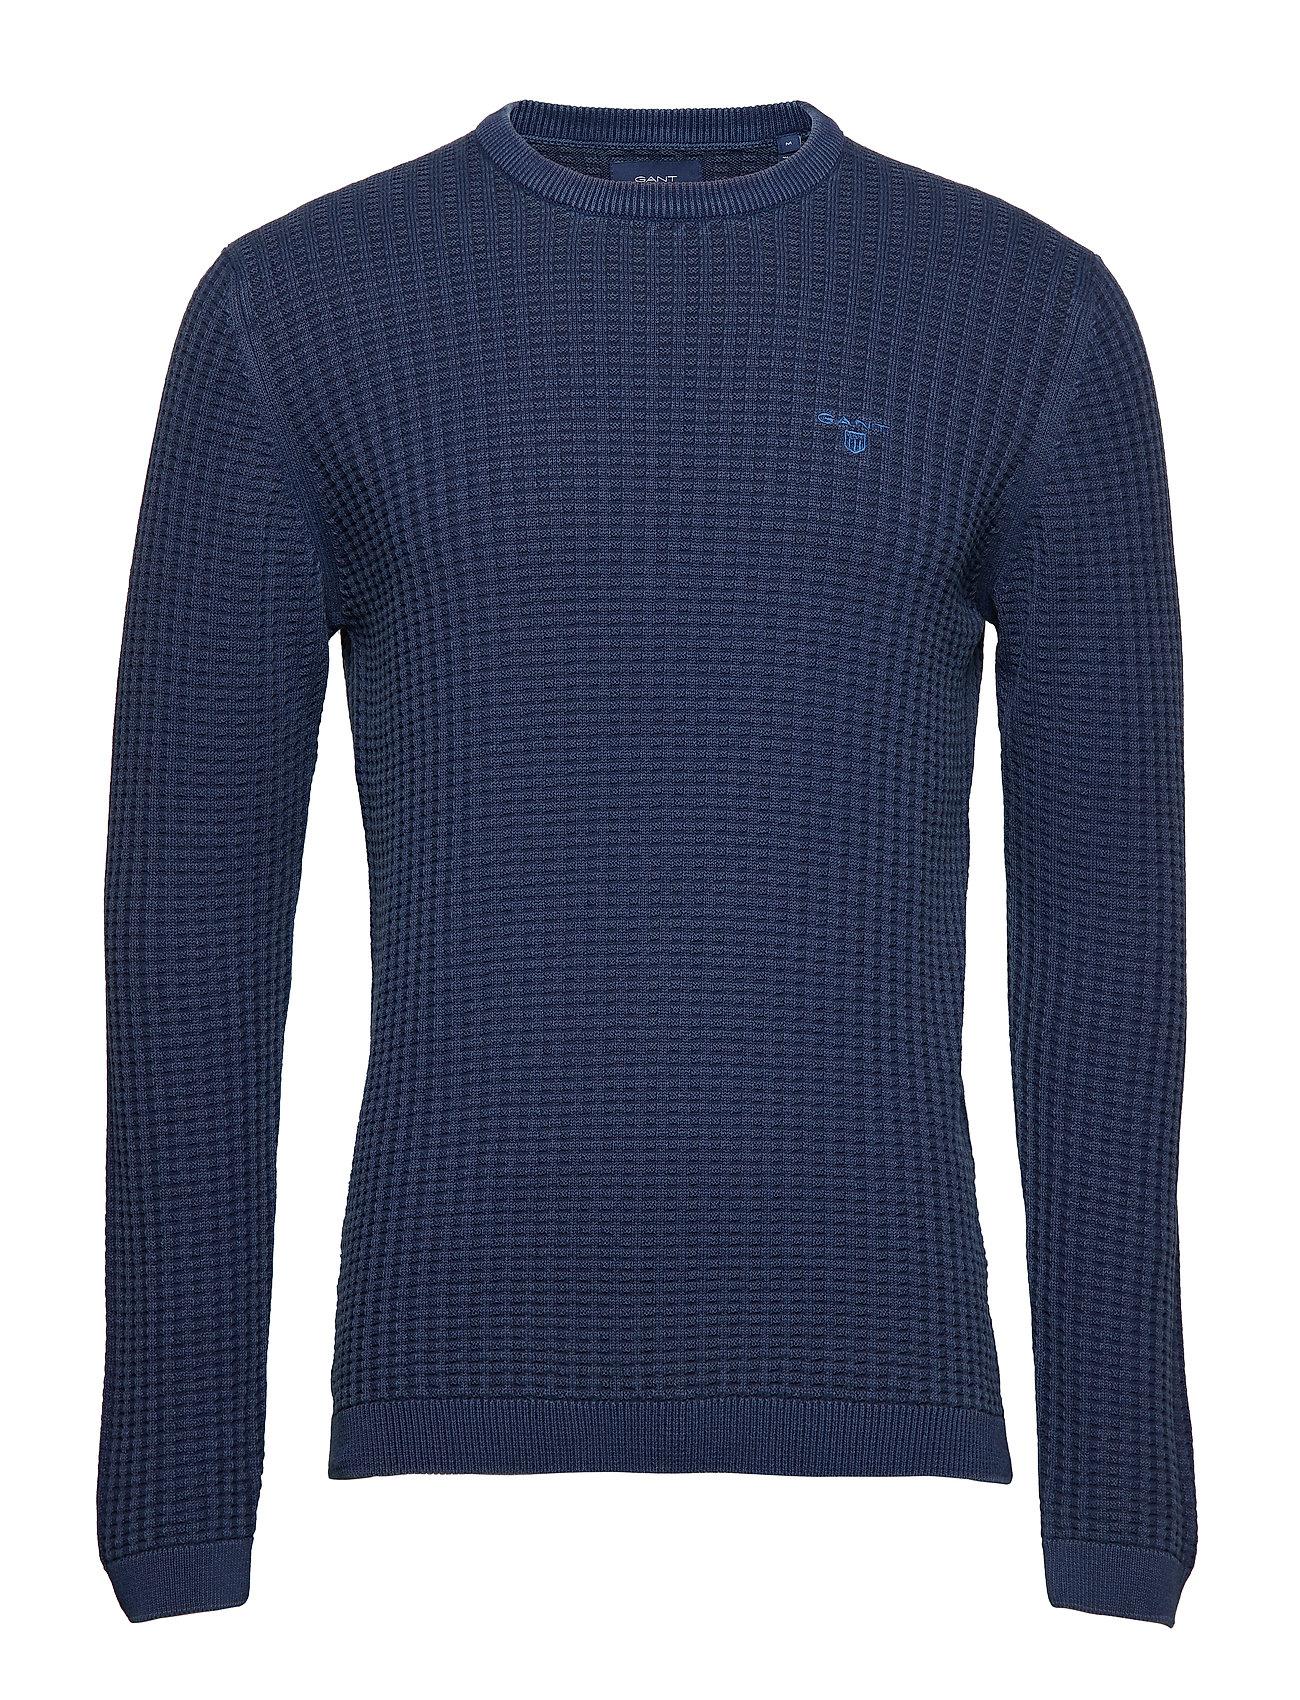 neckpersian BlueGant O2Sunbleached C Knitted CBedxo